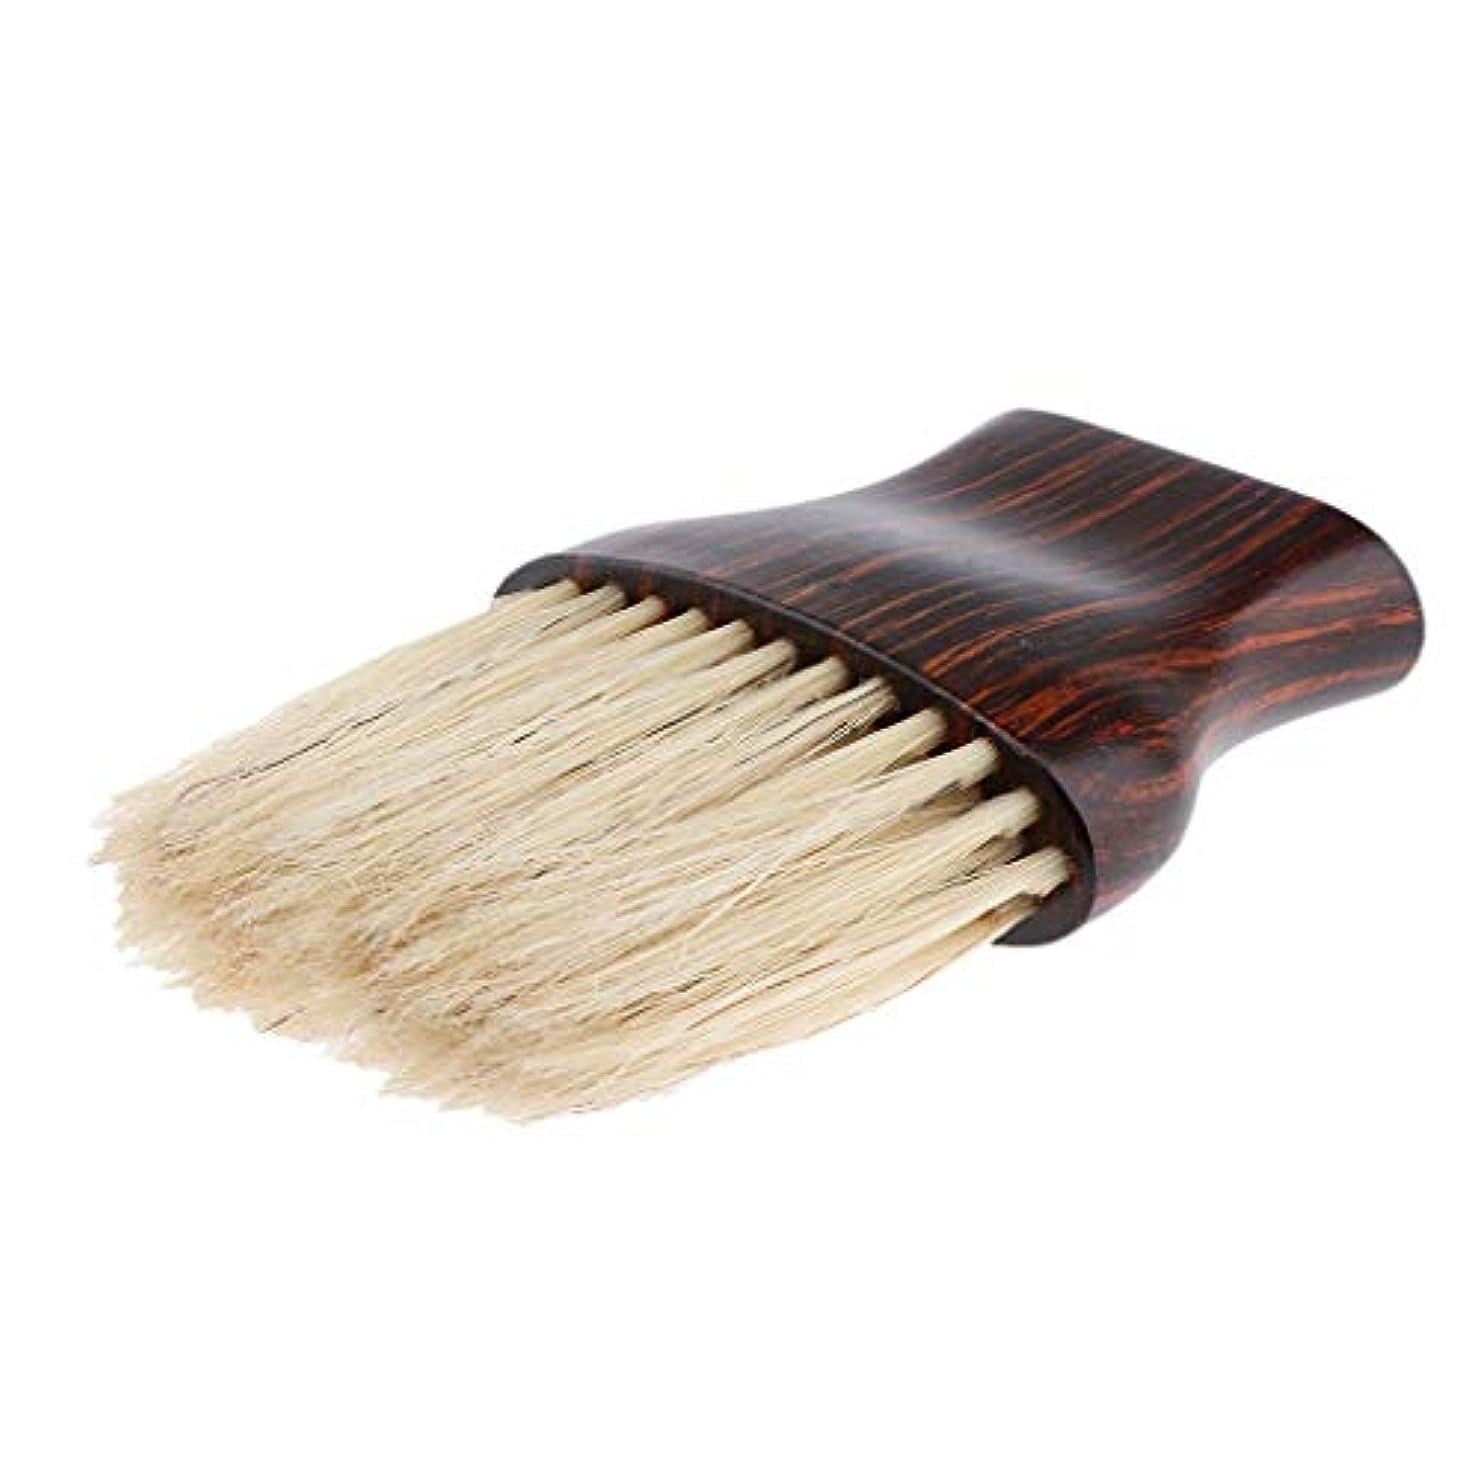 お茶タンカー狂気Toygogo ネックダスターブラシ ヘアカットブラシ クリーニング ブラシ 毛払いブラシ 散髪 髪切り